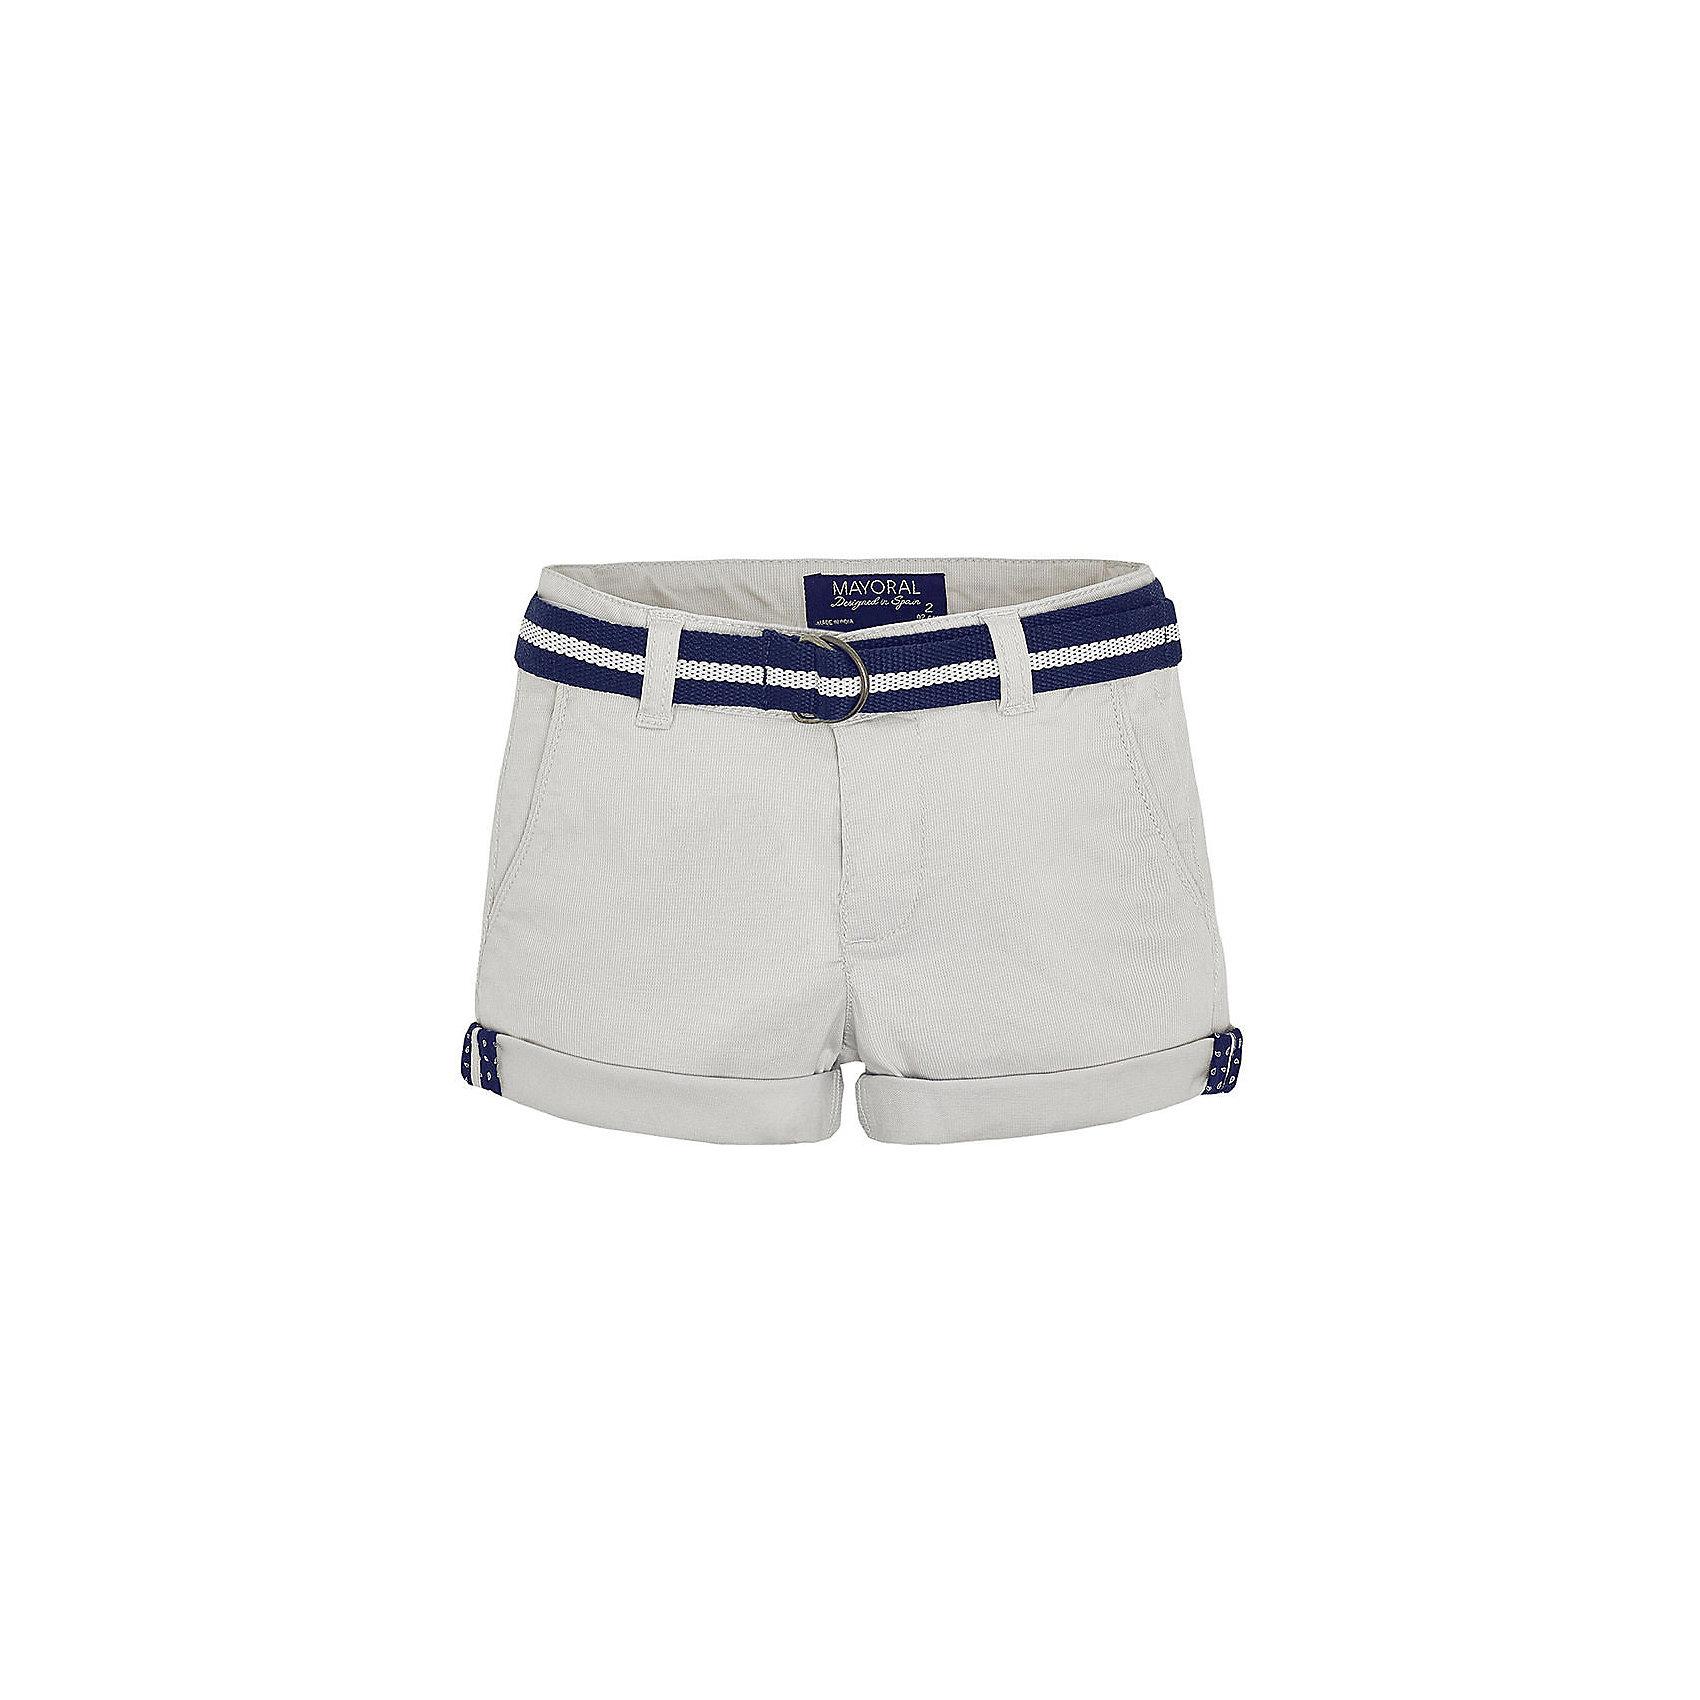 Шорты для мальчика MayoralШорты для мальчика от известной испанской марки Mayoral <br><br>Легкие шорты от Mayoral прекрасно сочетаются с футболками и рубашками. Пояс регулируется с помощью внутренней резинки. Модель выполнена из качественных материалов, отлично сидит по фигуре.<br><br>Особенности модели:<br><br>- цвет: серый;<br>- в комплекте - текстильный ремень;<br>- наличие карманов;<br>- отвороты;<br>- шлевки для ремня;<br>- внутренние резинки для регулировки пояса.<br><br>Дополнительная информация:<br><br>Состав: 98% хлопок, 2% эластан<br><br>Шорты для мальчика Mayoral (Майорал) можно купить в нашем магазине.<br><br>Ширина мм: 191<br>Глубина мм: 10<br>Высота мм: 175<br>Вес г: 273<br>Цвет: серый<br>Возраст от месяцев: 96<br>Возраст до месяцев: 108<br>Пол: Мужской<br>Возраст: Детский<br>Размер: 134,98,104,92,128,122,116,110<br>SKU: 4541871